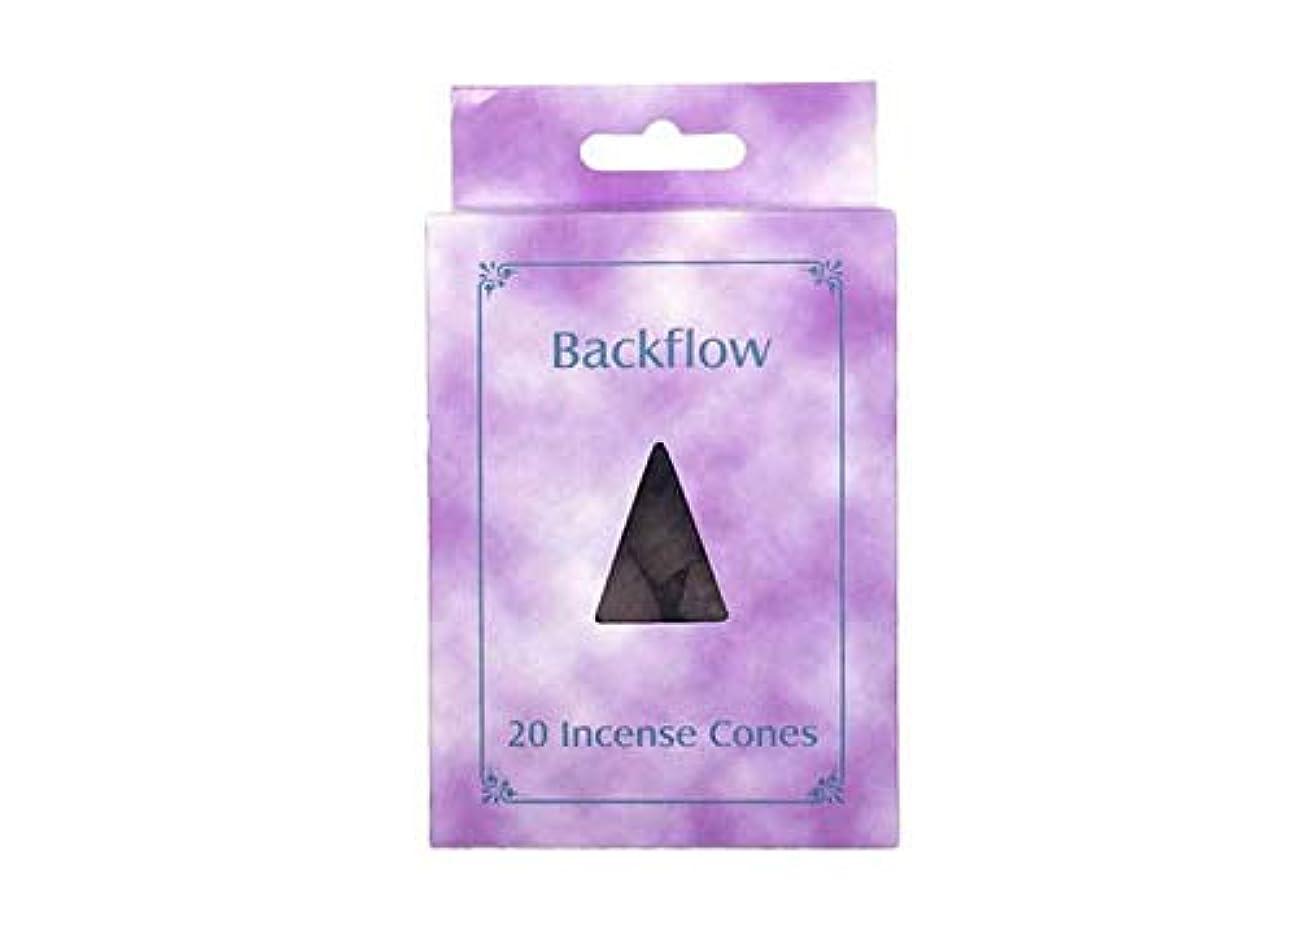 できたもう一度弓お香 逆流コーン 逆流香 20p ローズ Backflow Incense Cones 20p Rose